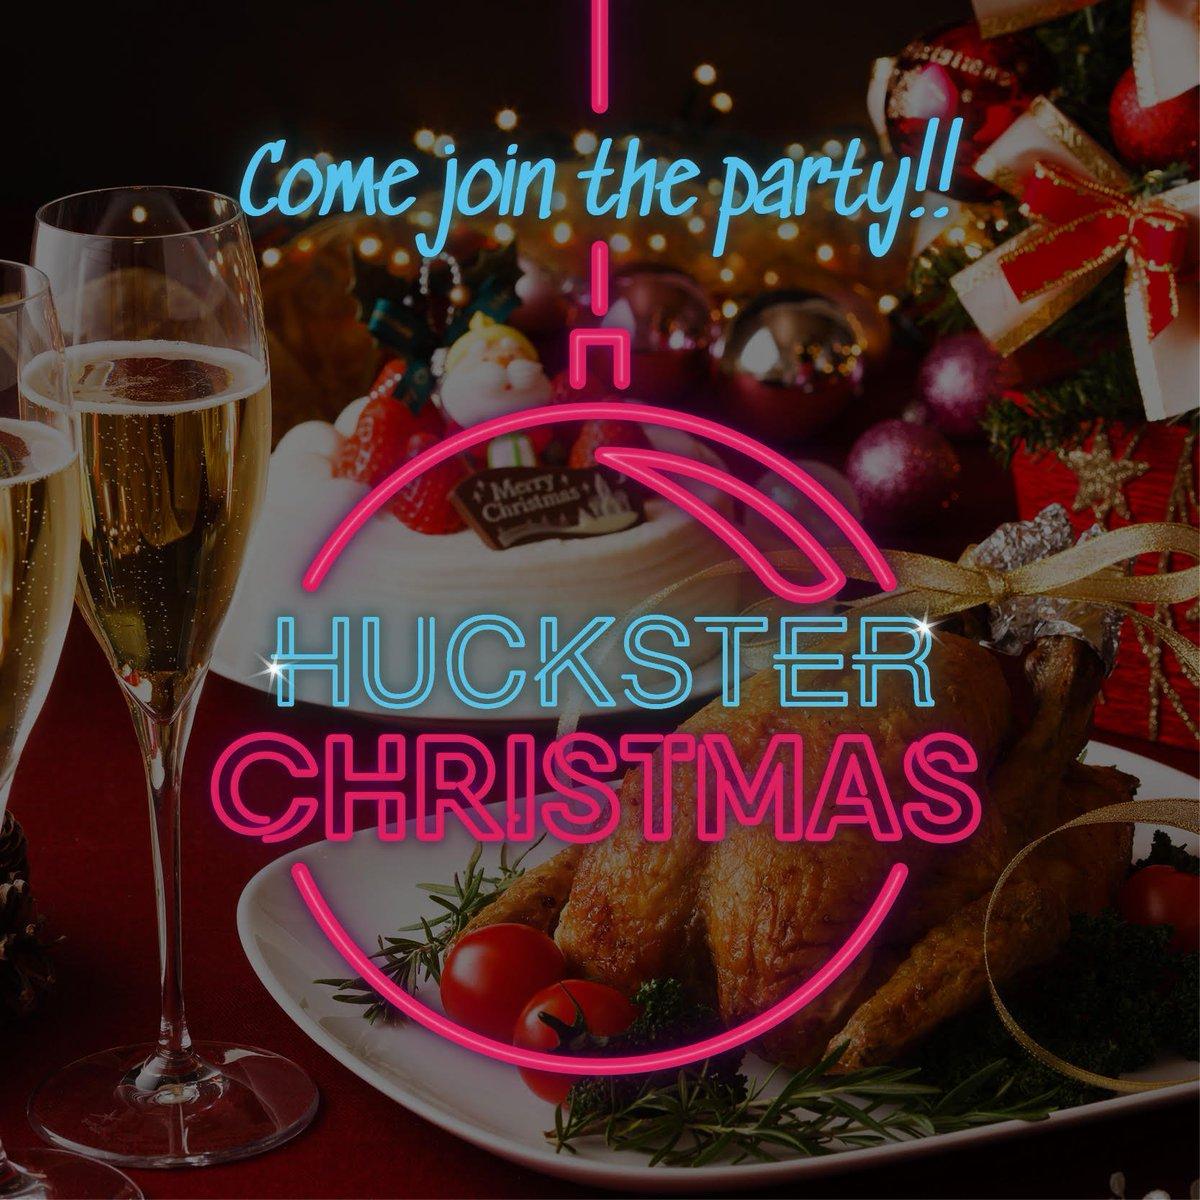 huckster christmas